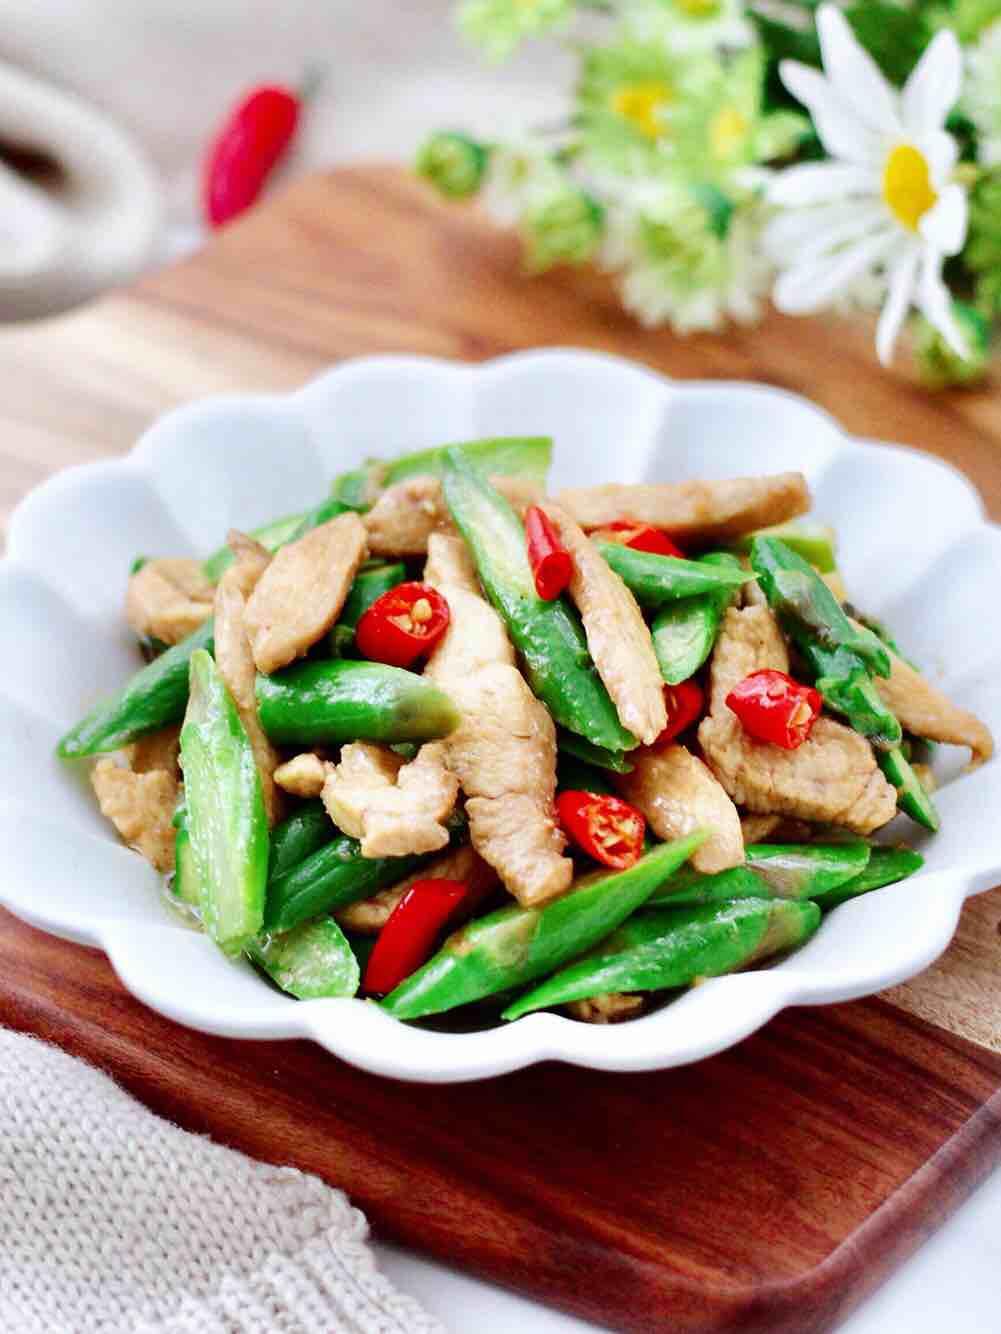 芦笋鸡肉条小炒